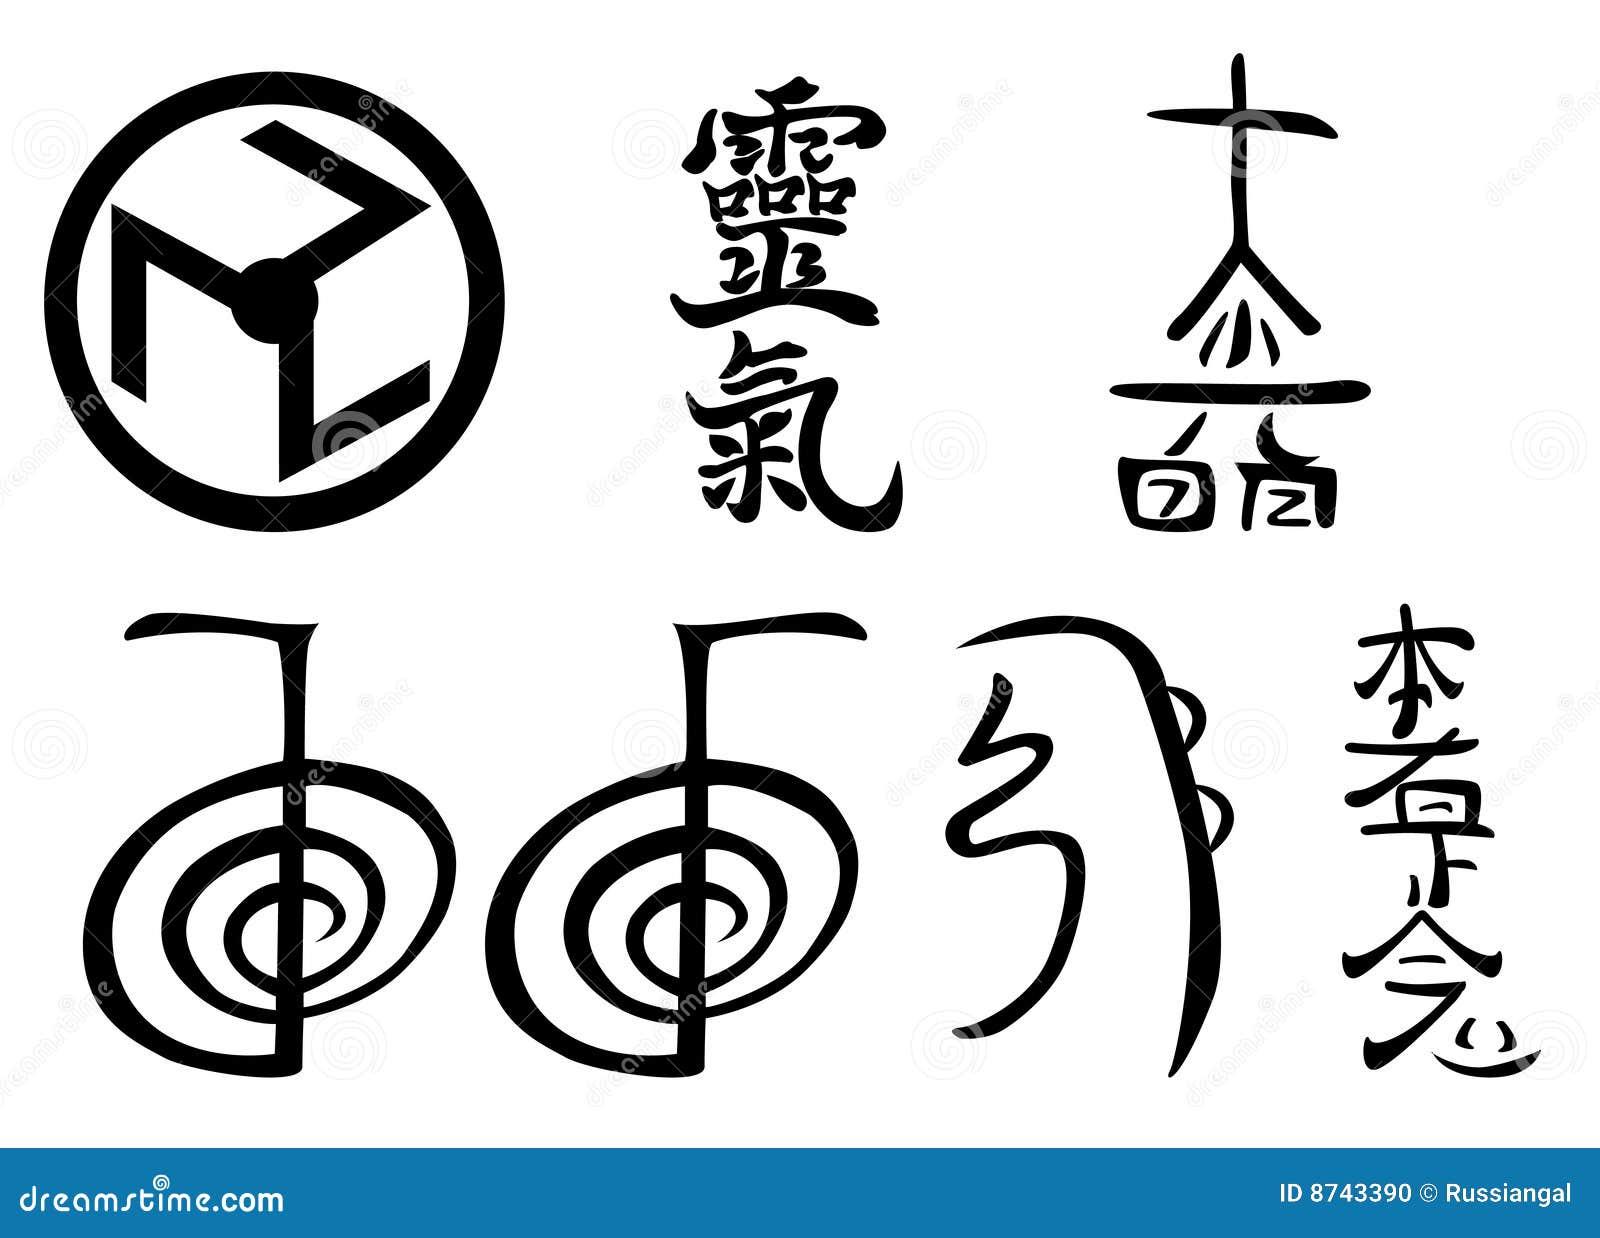 ... versions utilisé par symboles de sho de sha de sei de reiki de rei